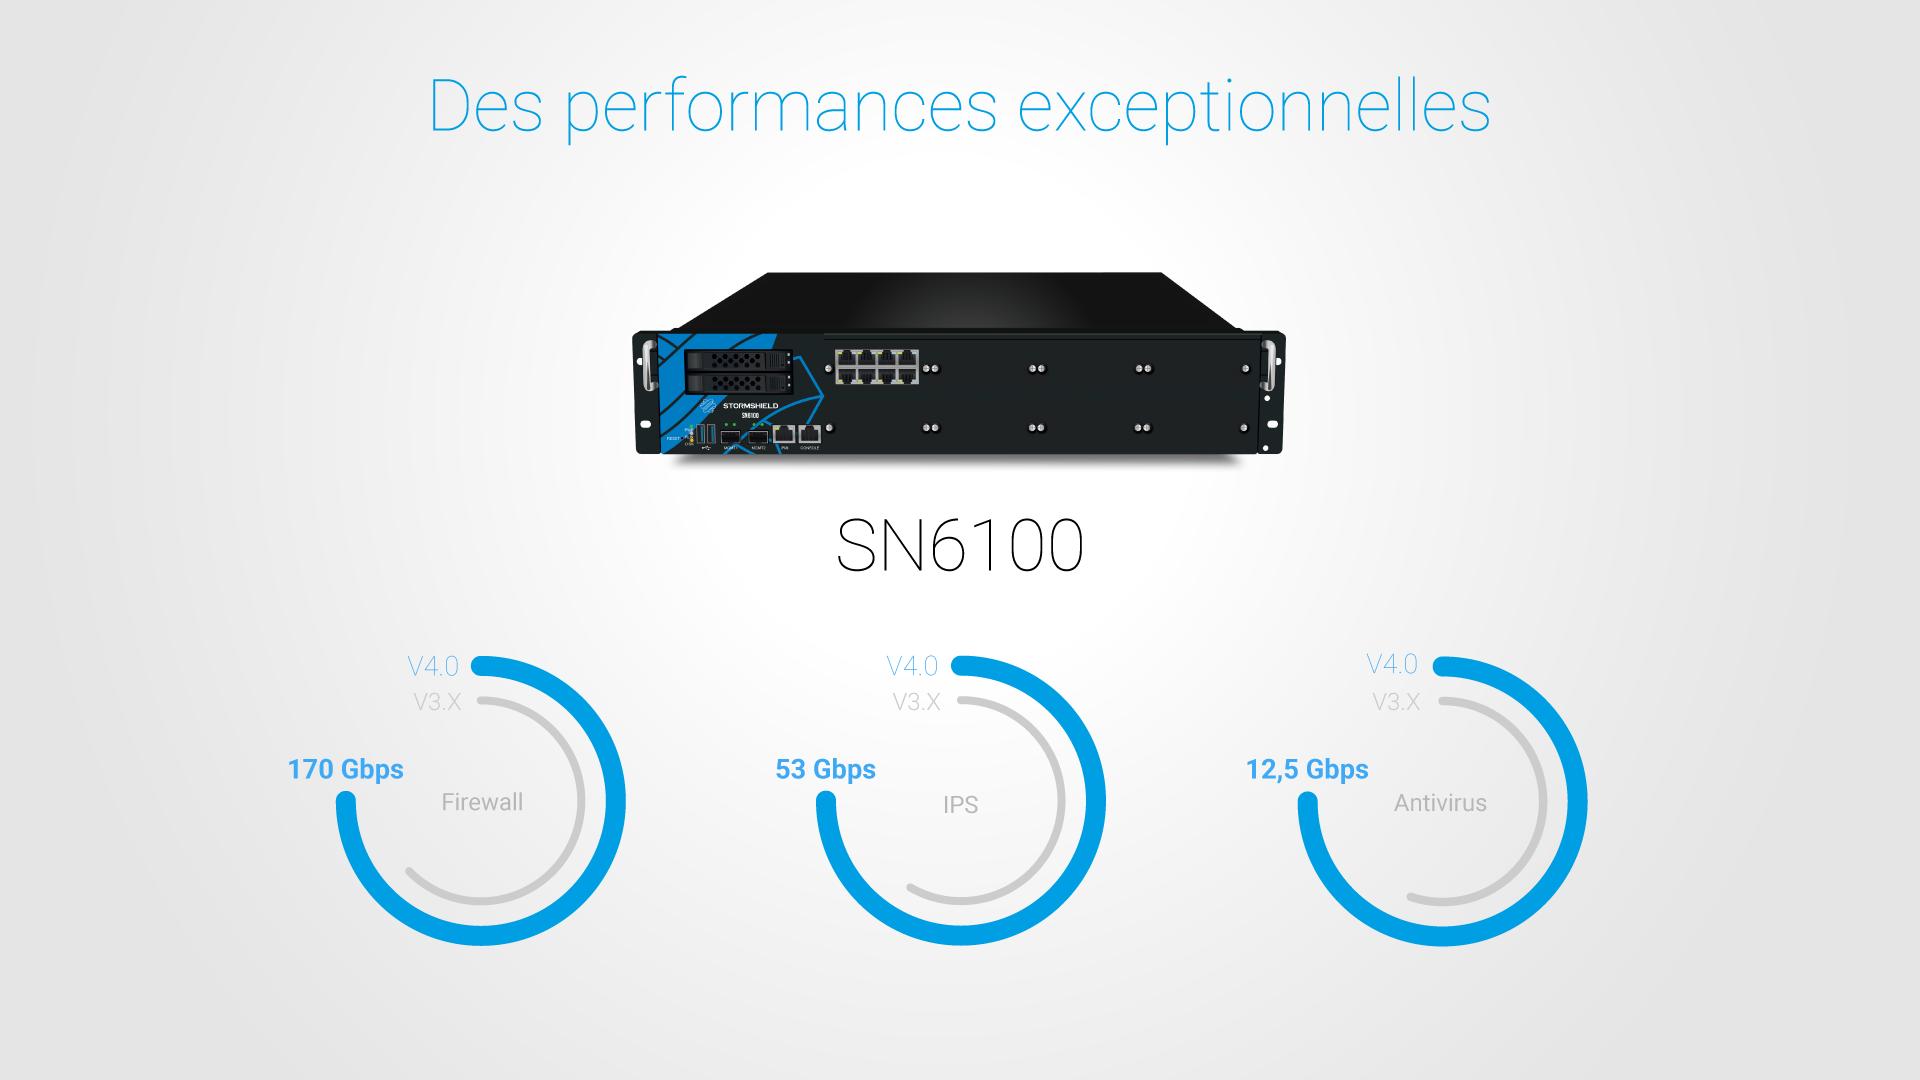 SNS V4.0 : des performances exceptionnelles Firewall, IPS et Antivirus pour le SN6100